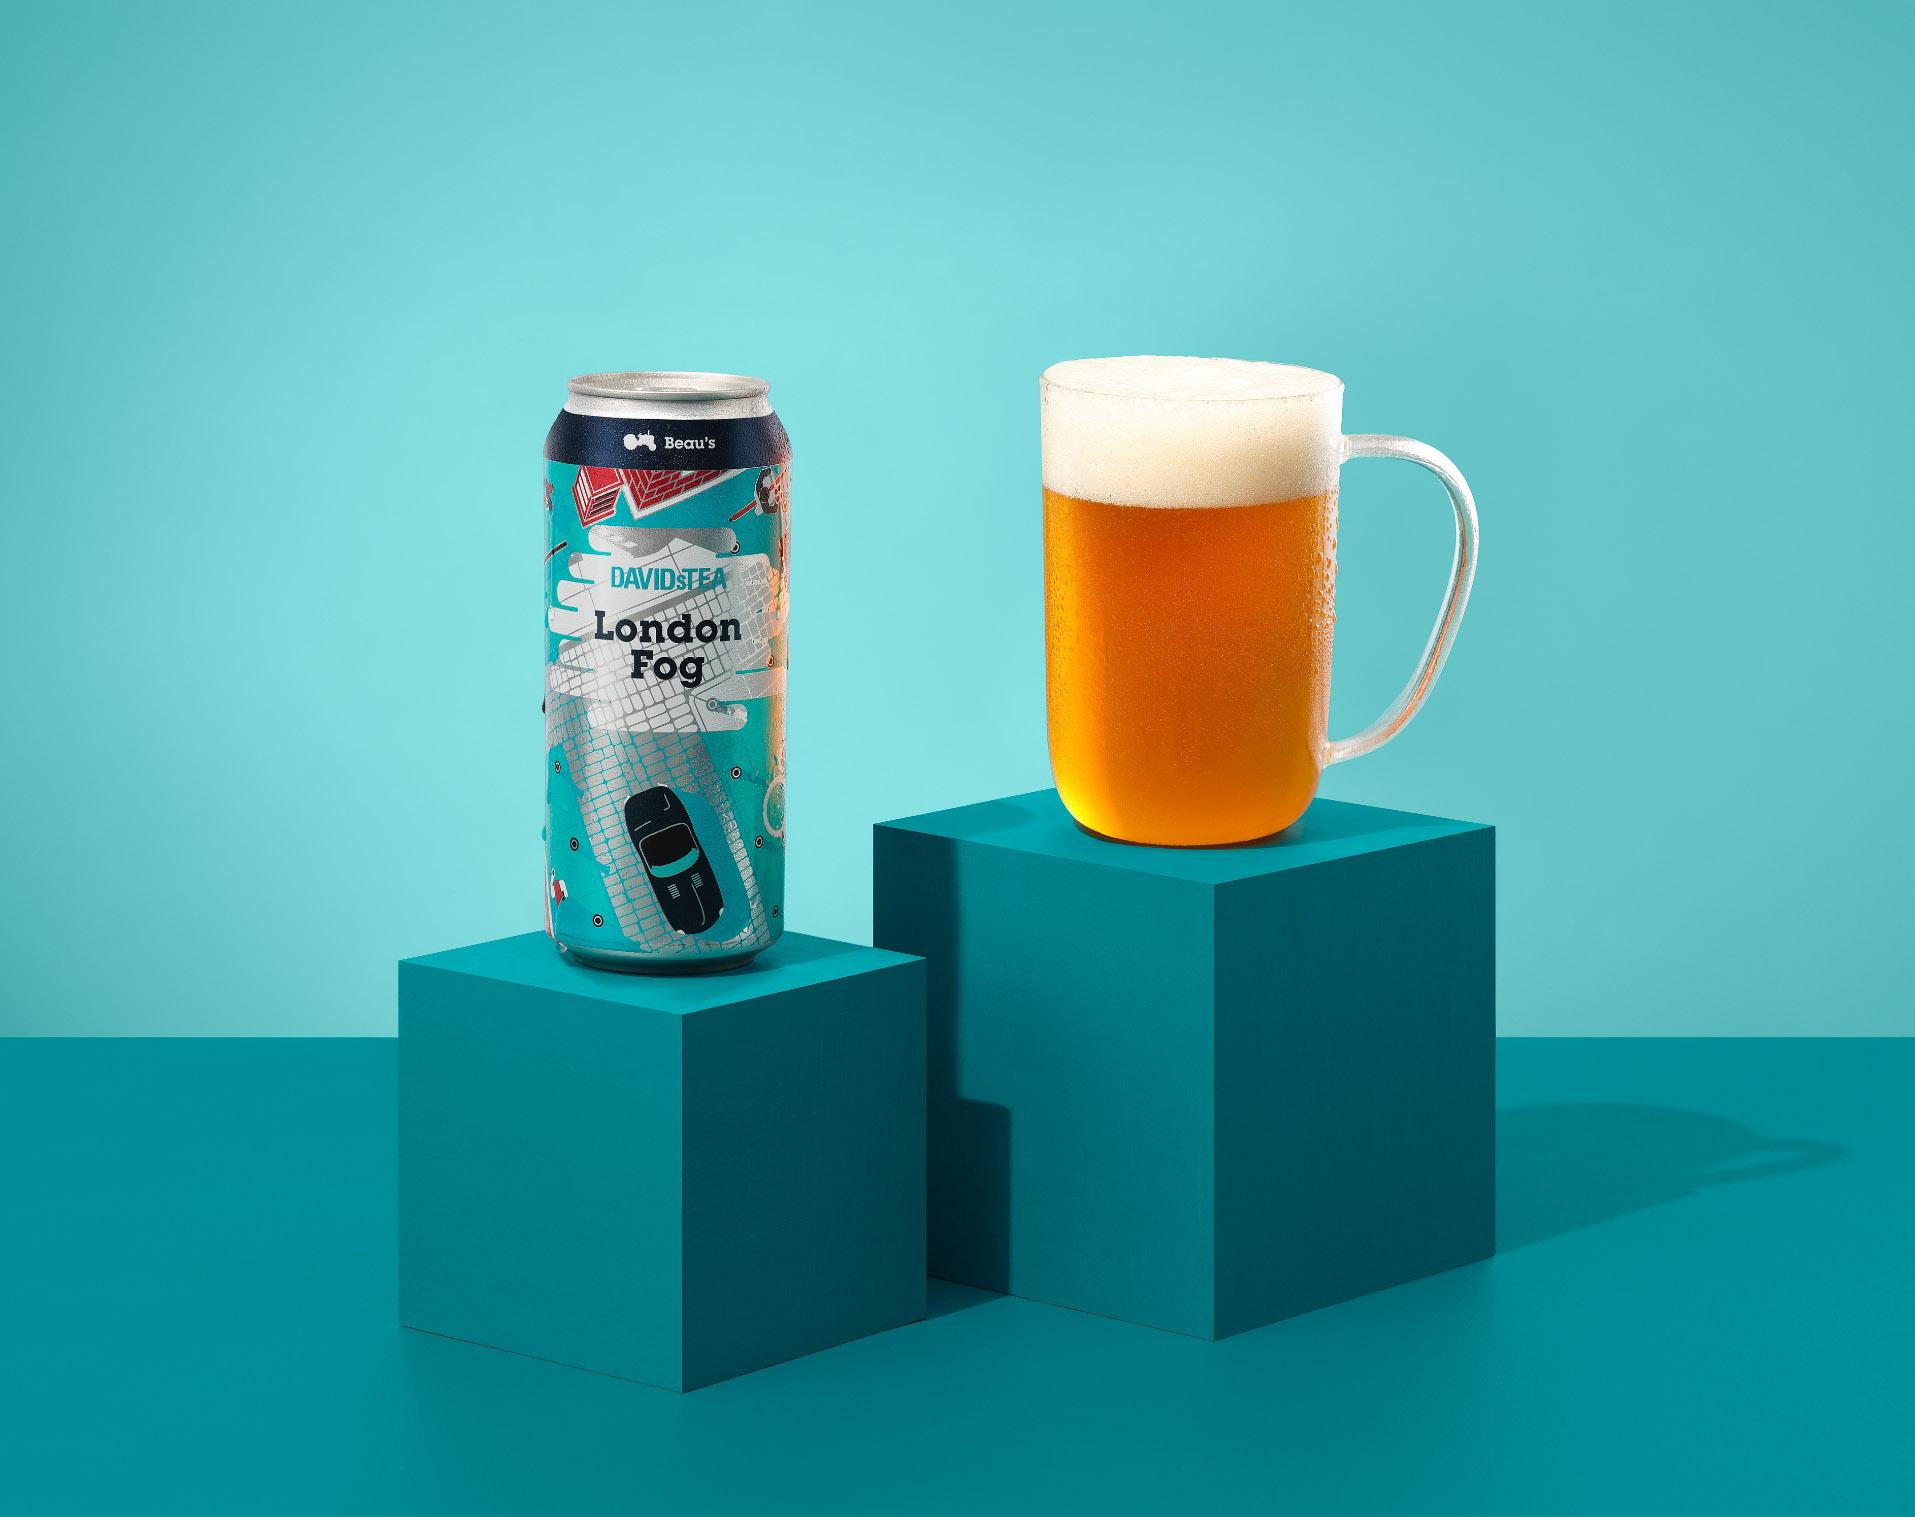 Deux cannettes de London Fog (une couchée horizontalement et l'autre posée sur un cube turquoise) et une tasse transparente remplie de bière London Fog des thés DAVIDsTEA x Beau's.